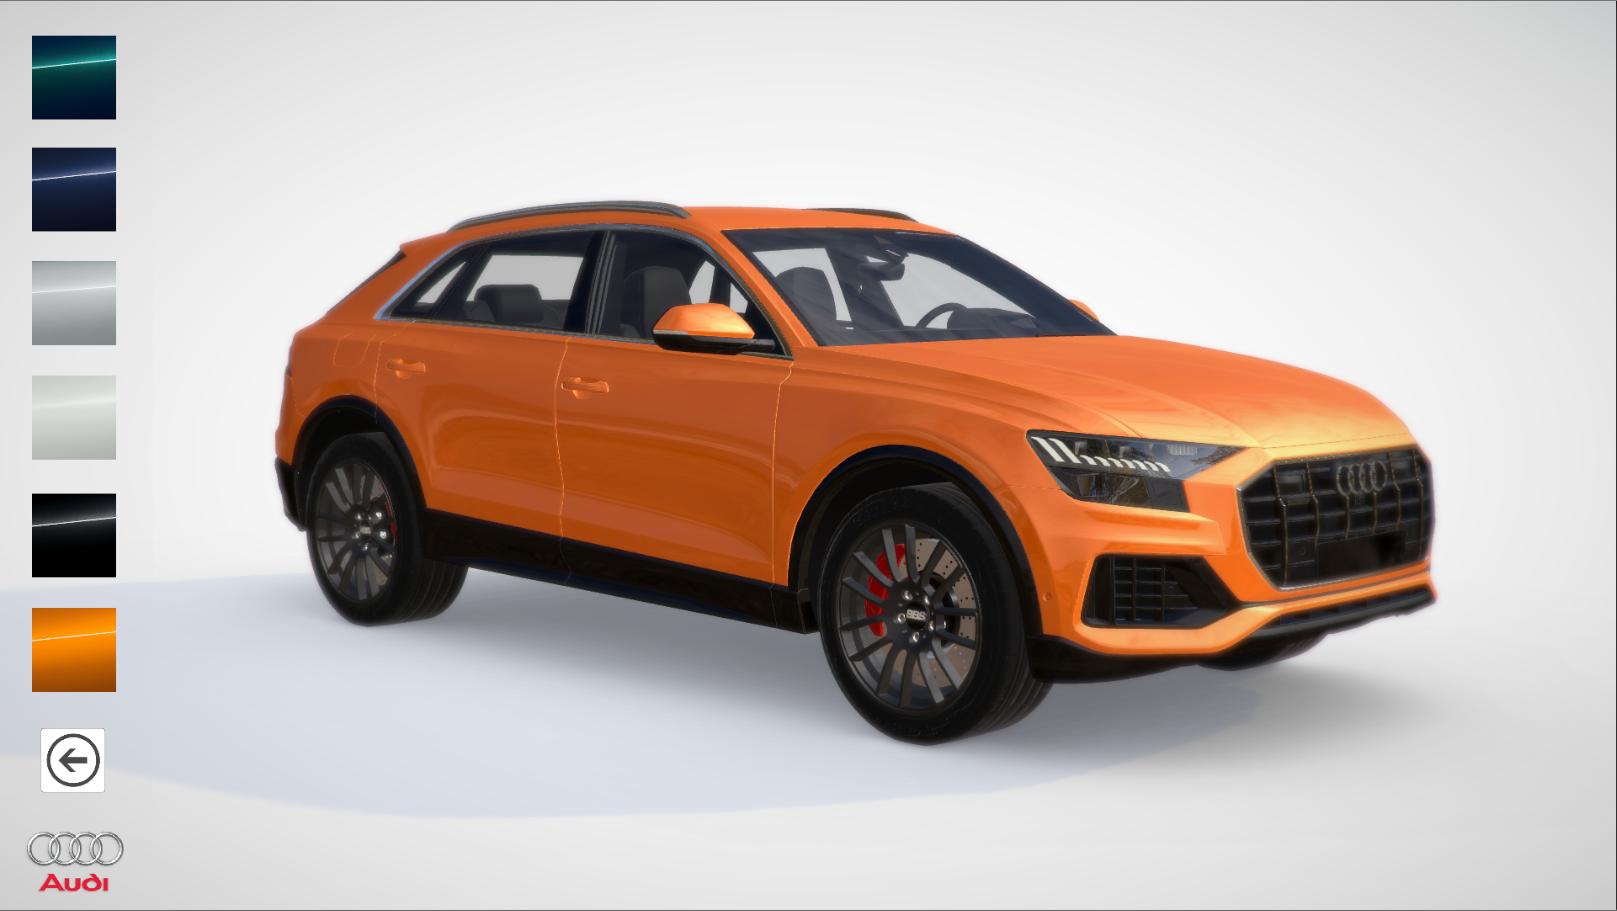 Audi Q8 Configurator Demo - Android